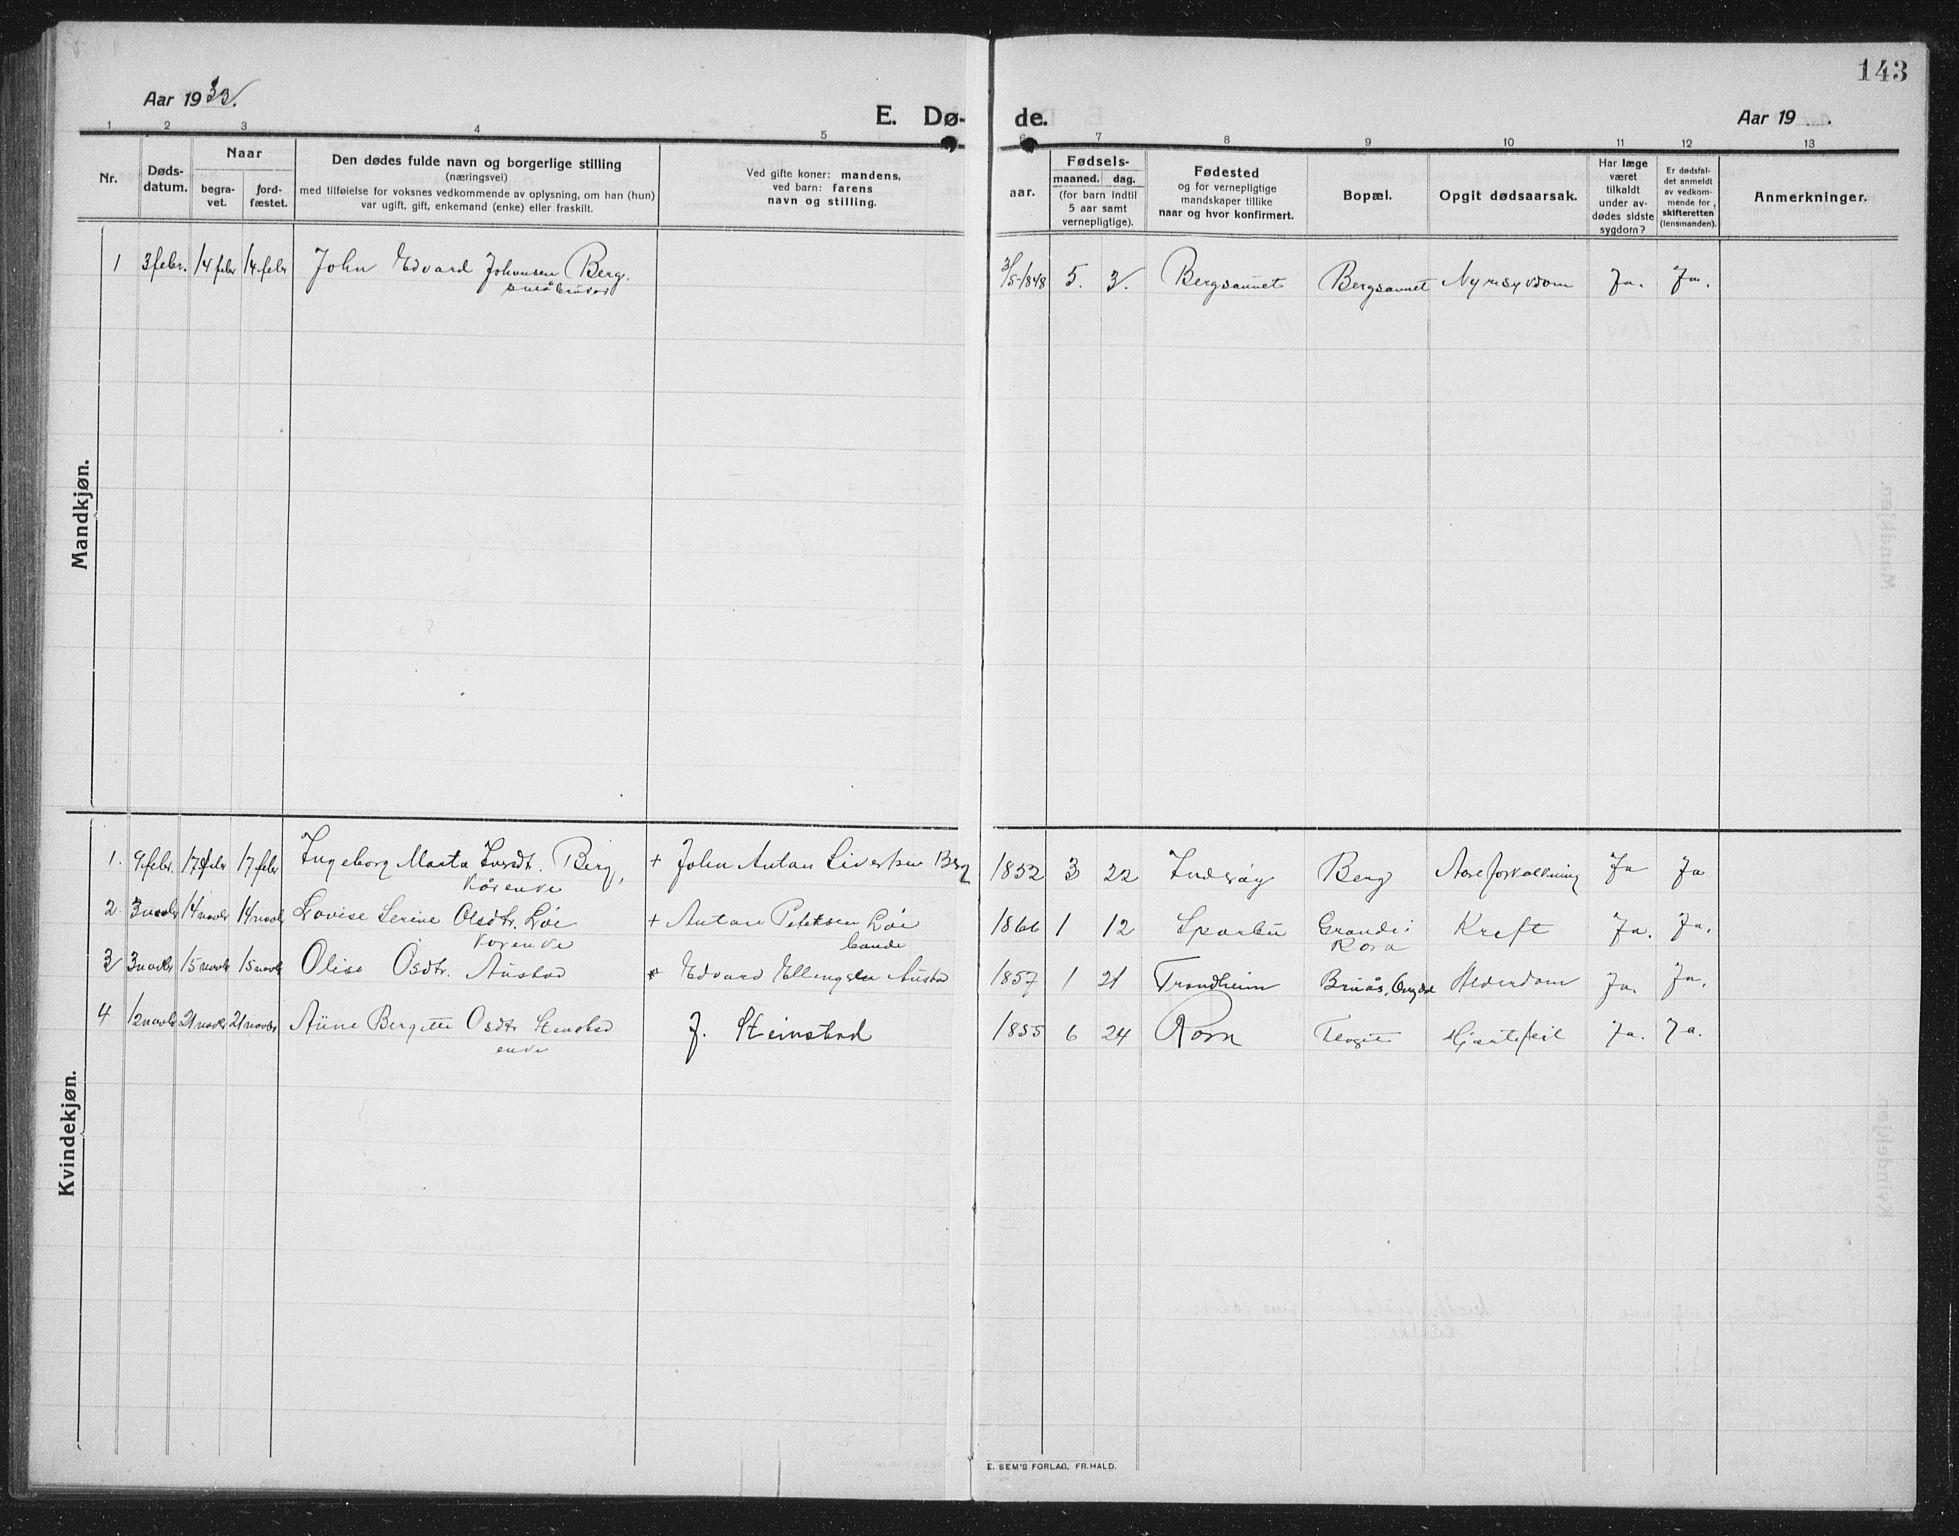 SAT, Ministerialprotokoller, klokkerbøker og fødselsregistre - Nord-Trøndelag, 731/L0312: Klokkerbok nr. 731C03, 1911-1935, s. 143